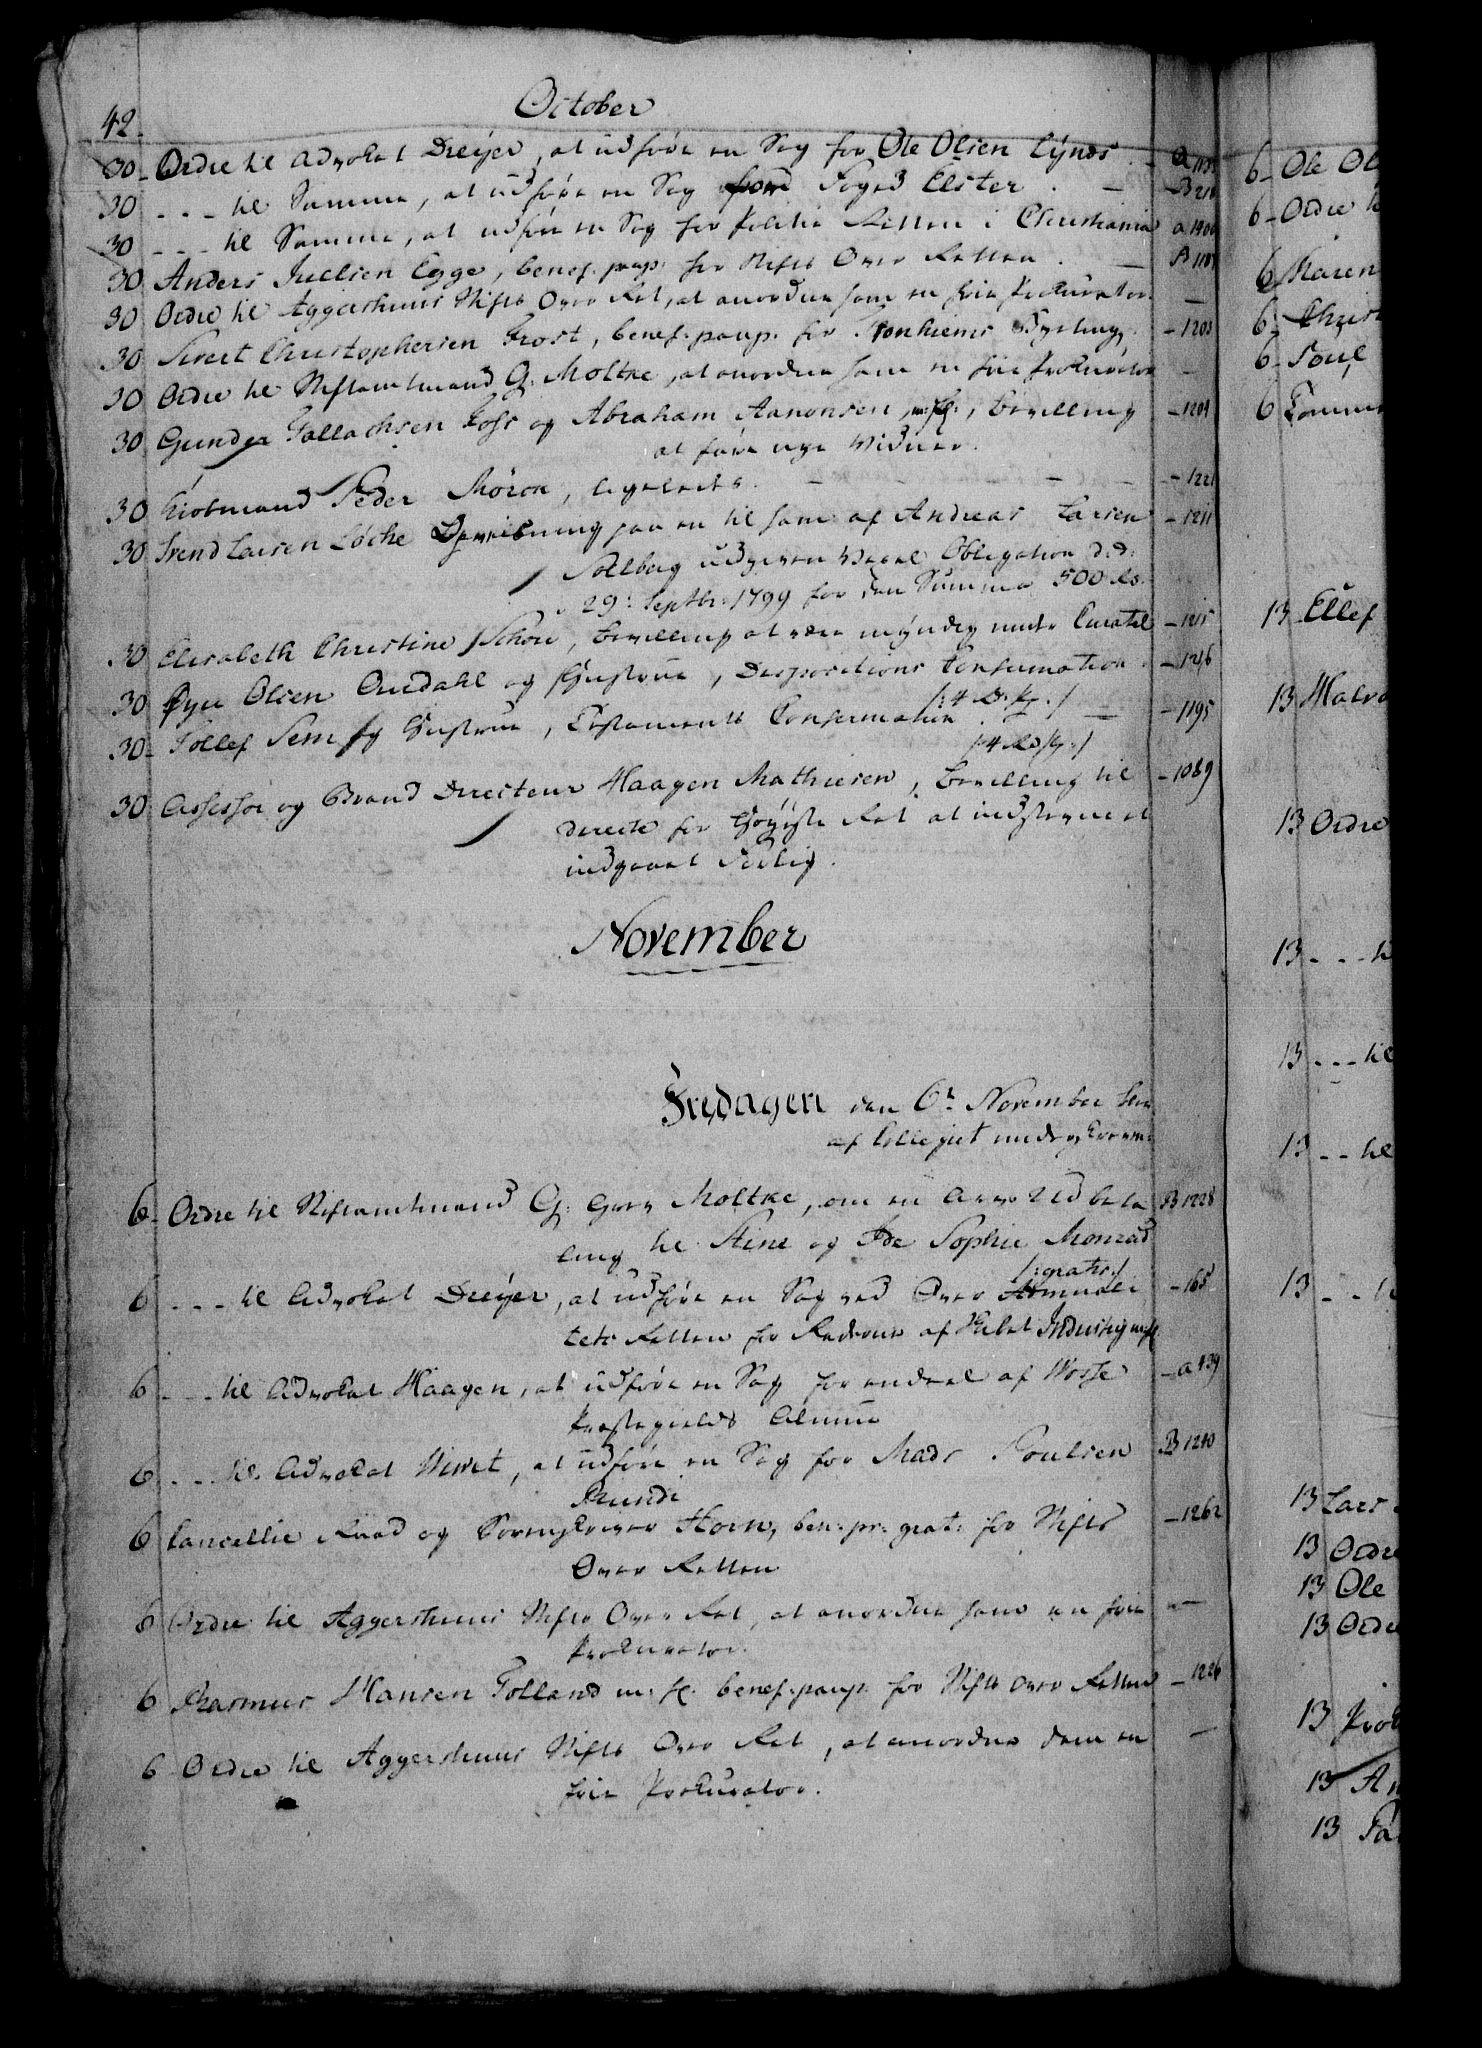 RA, Danske Kanselli 1800-1814, H/Hf/Hfb/Hfbc/L0002: Underskrivelsesbok m. register, 1801, s. 42